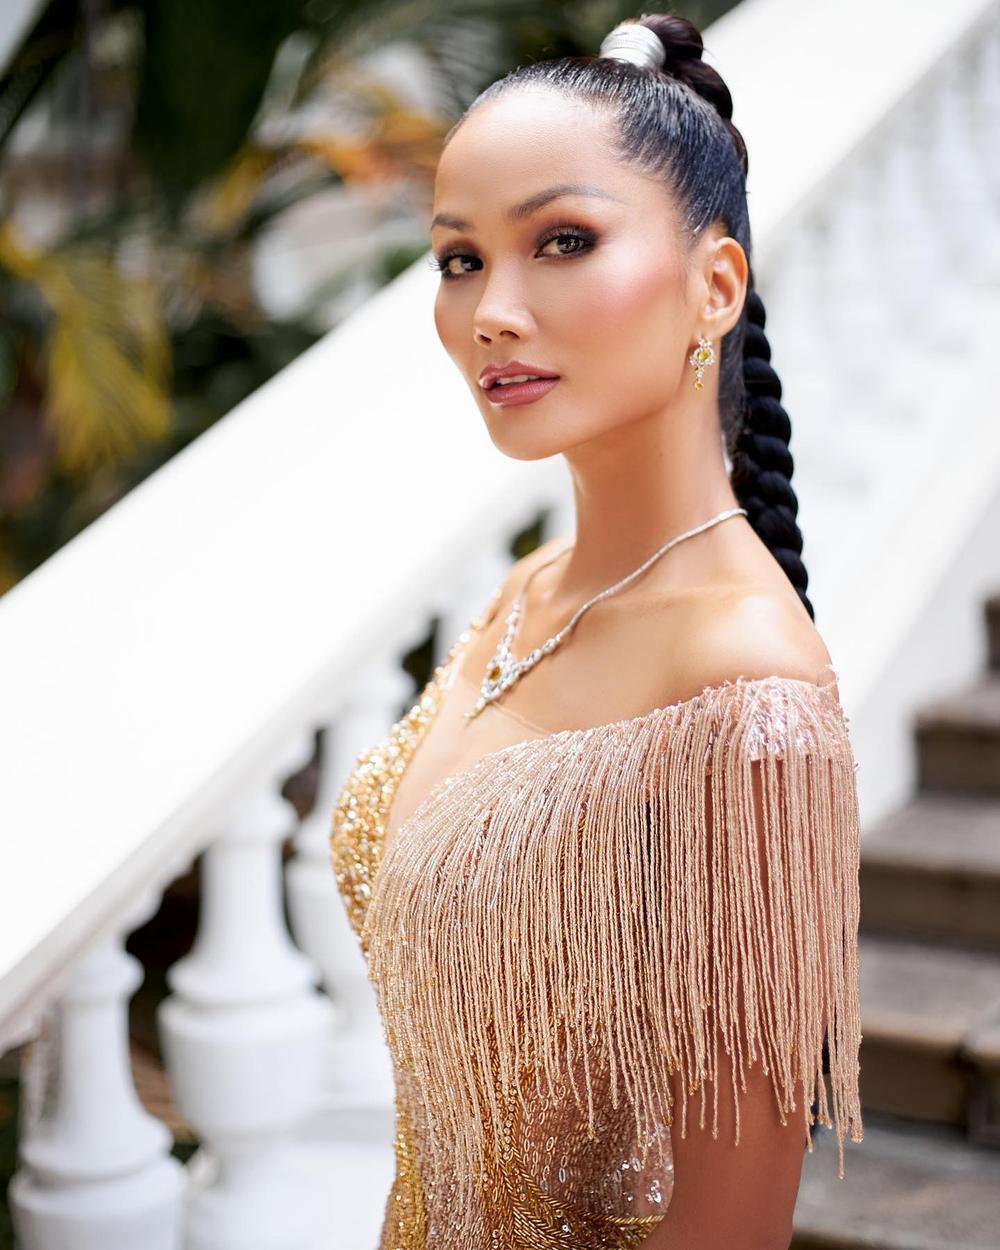 Miss Universe Vietnam 2021 khởi động, H'Hen Niê trở thành giám khảo tìm kiếm nhan sắc kế nhiệm Khánh Vân Ảnh 5